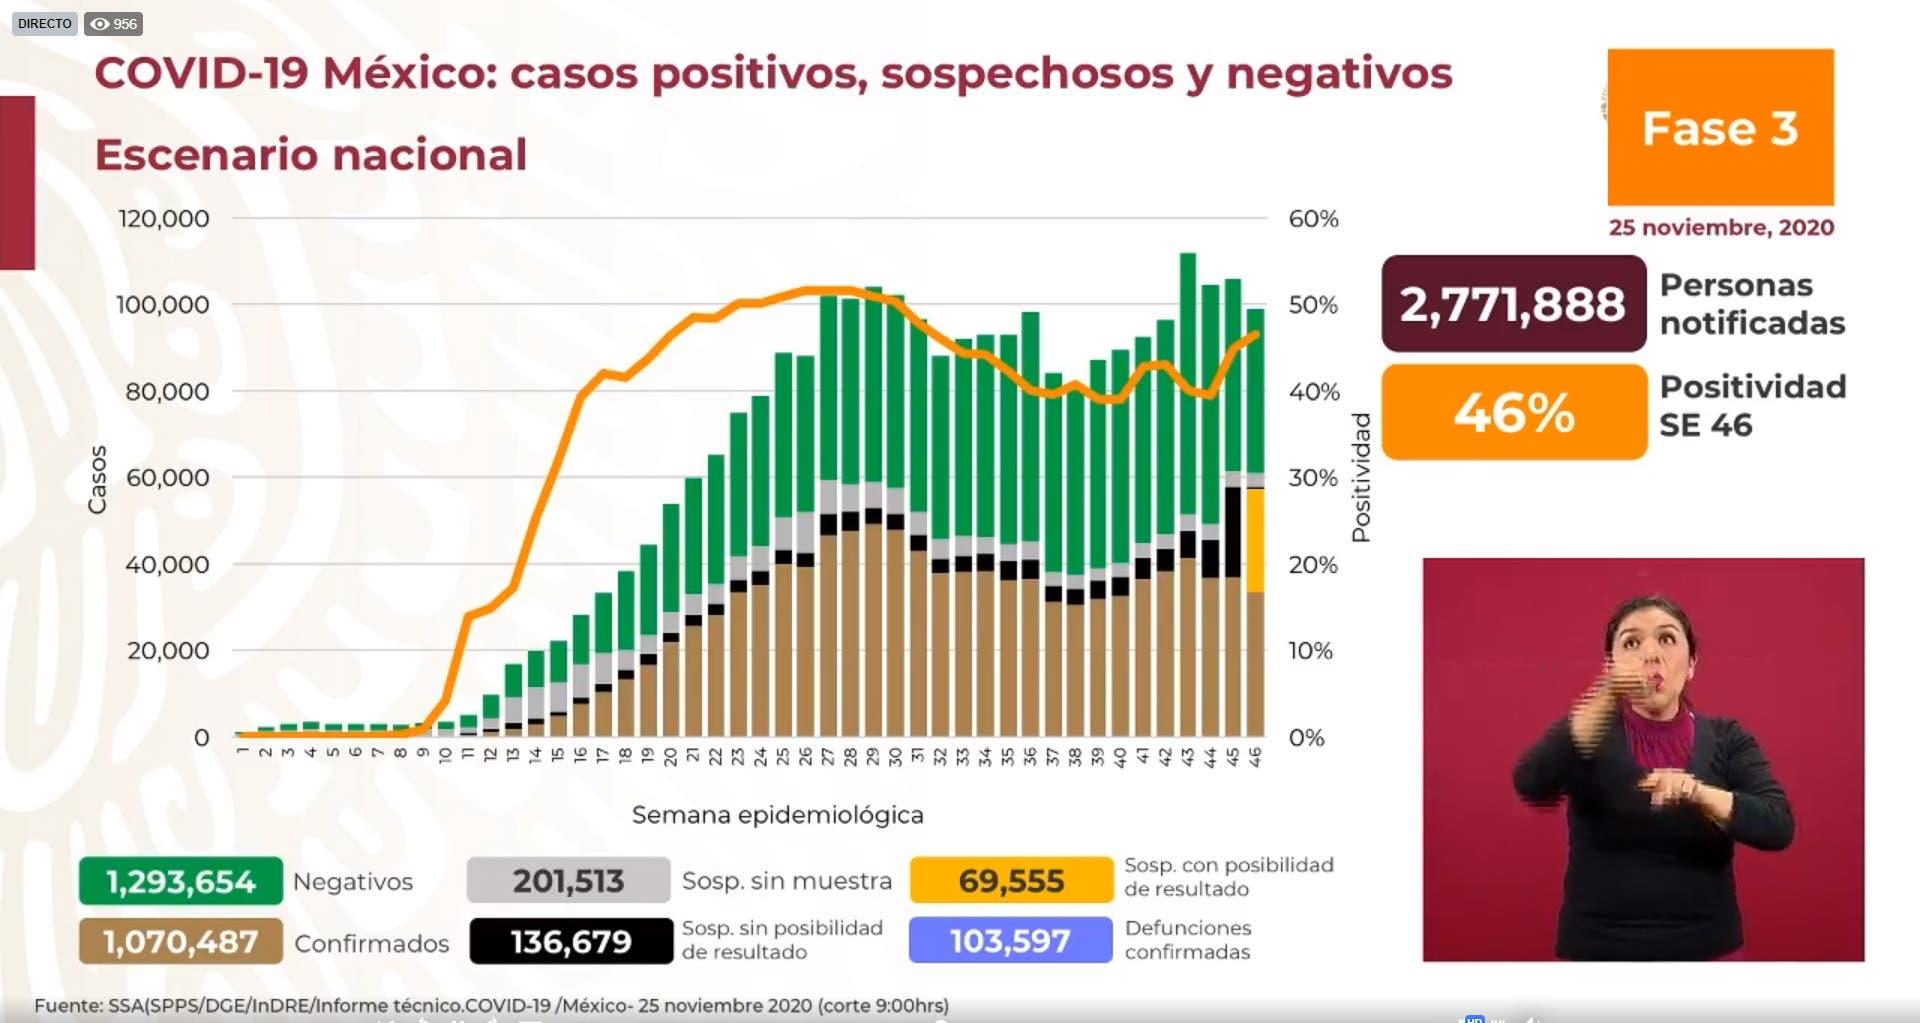 Se disparan casos de COVID19 en México: 10 mil contagios al día